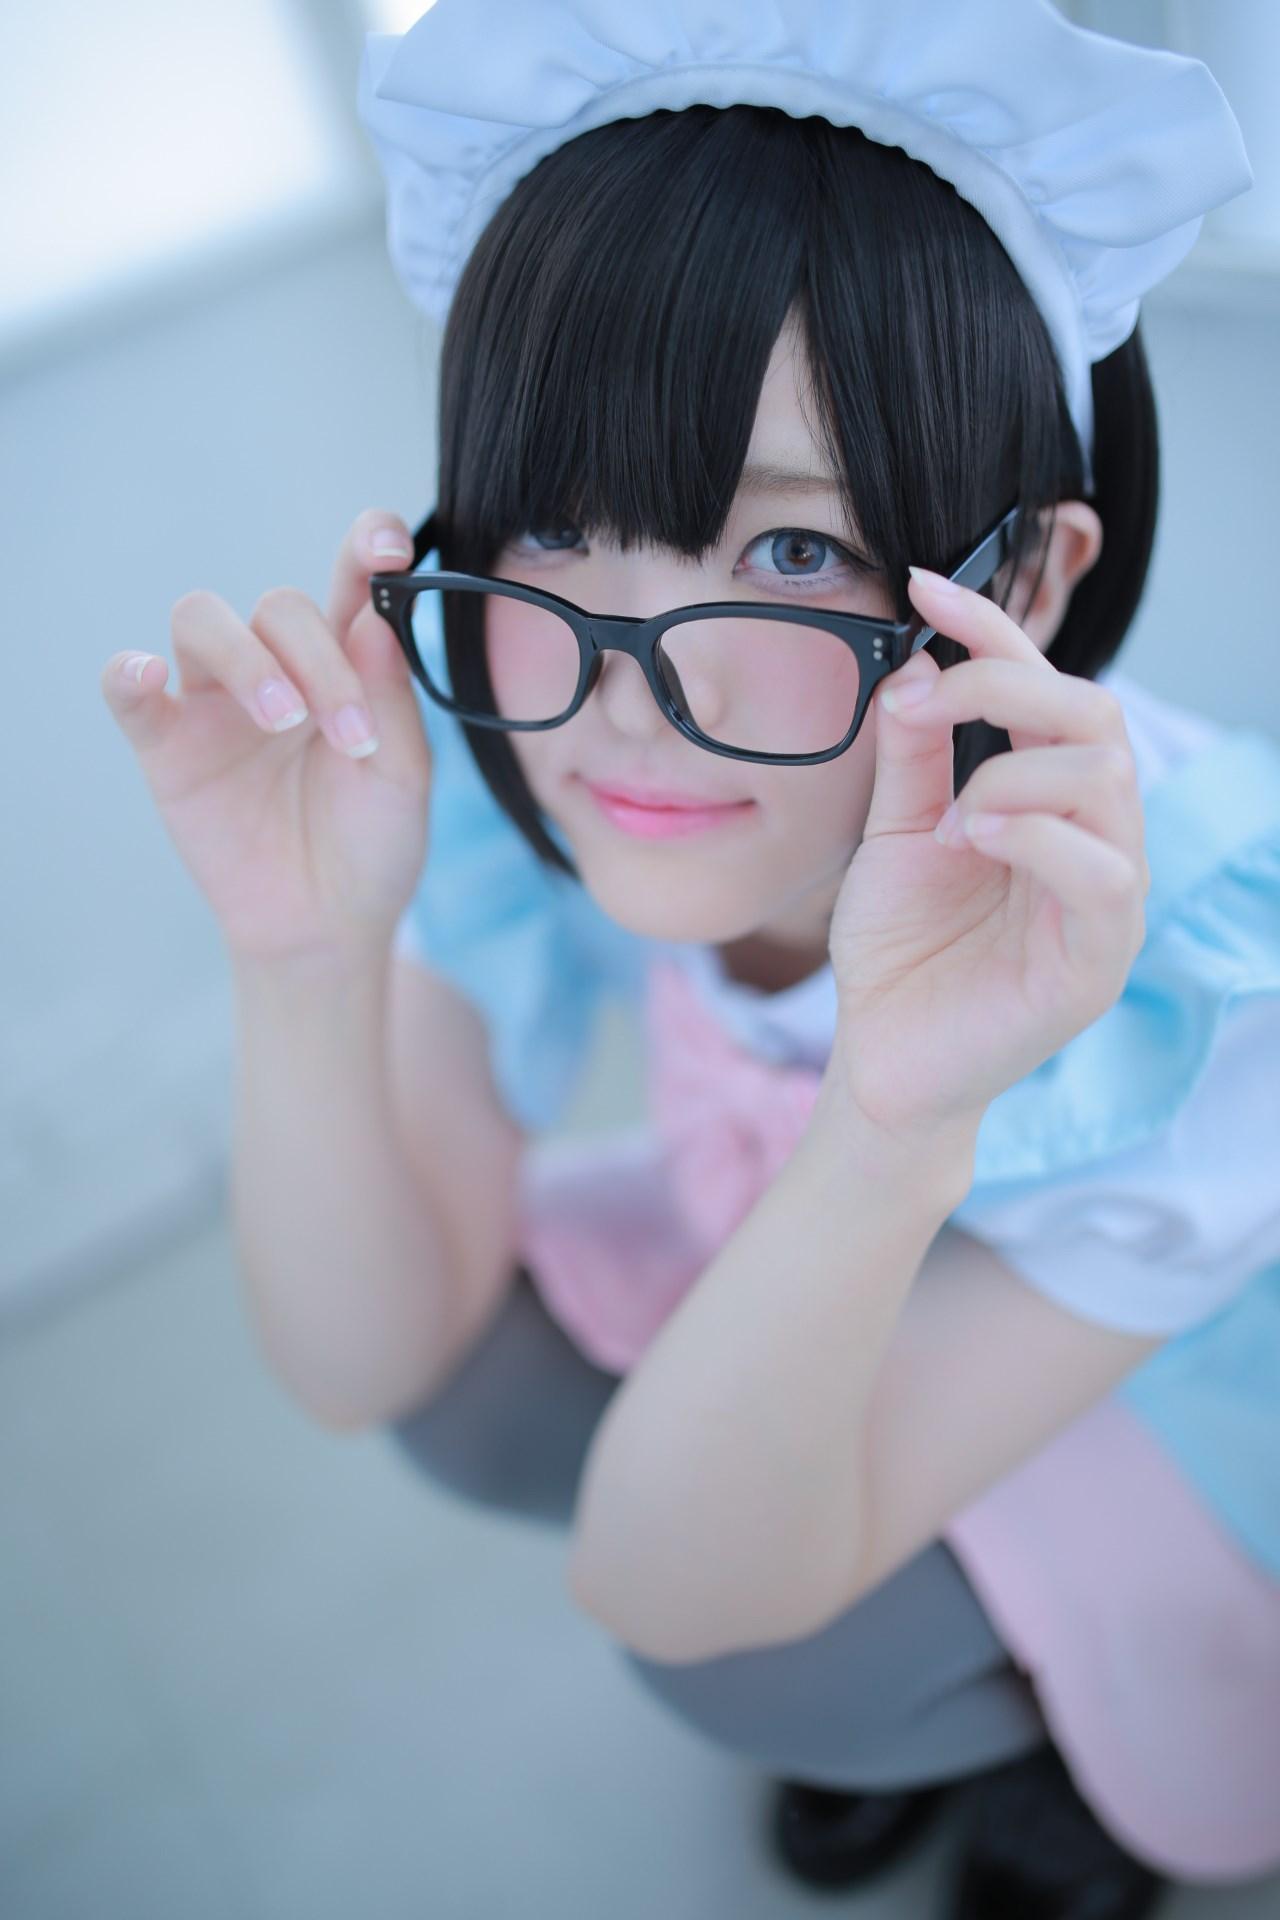 【兔玩映画】眼镜女仆 兔玩映画 第5张